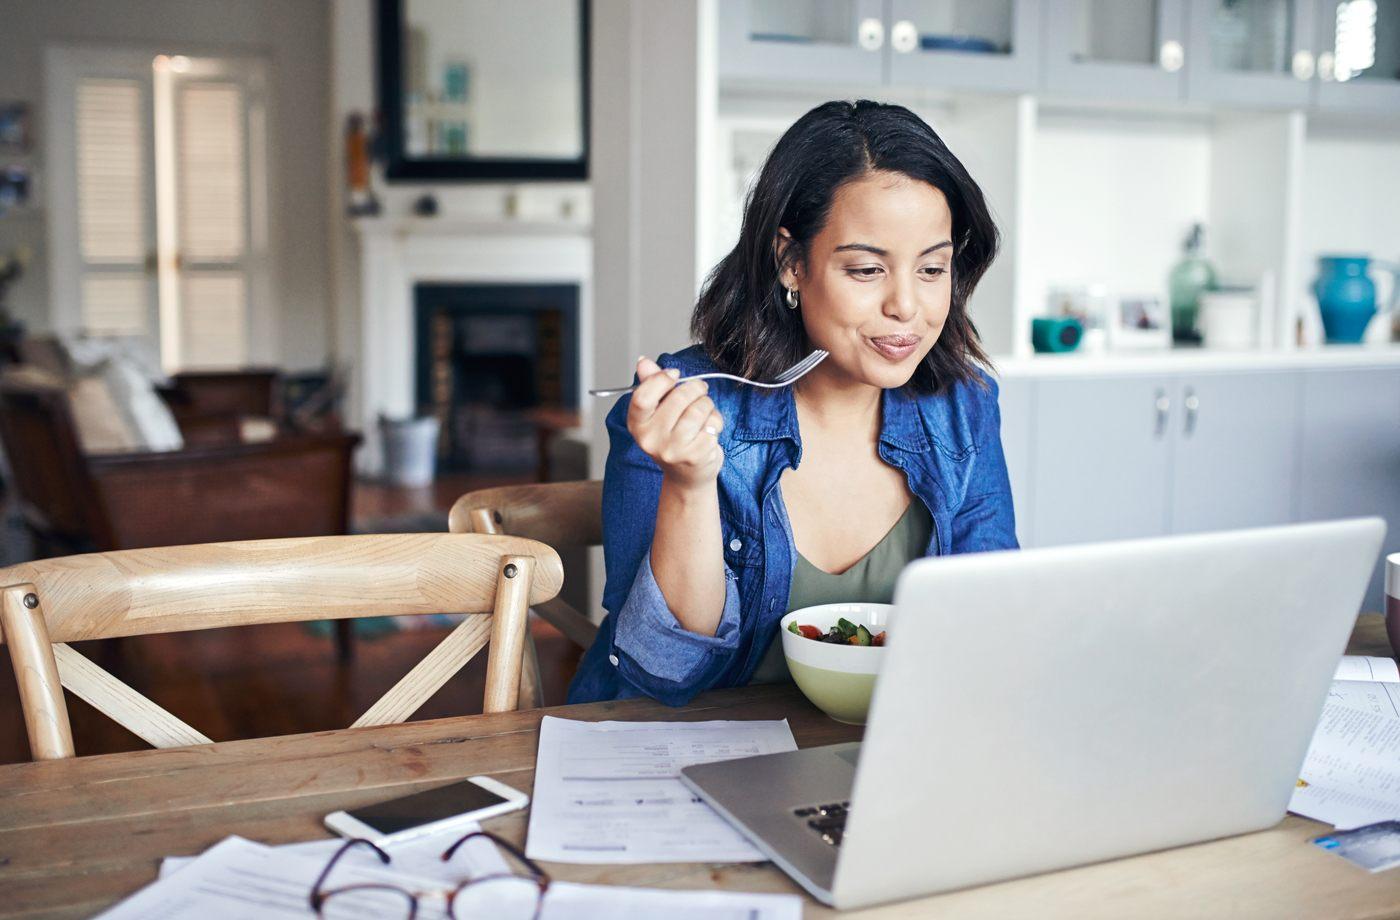 woman at computer eating salad